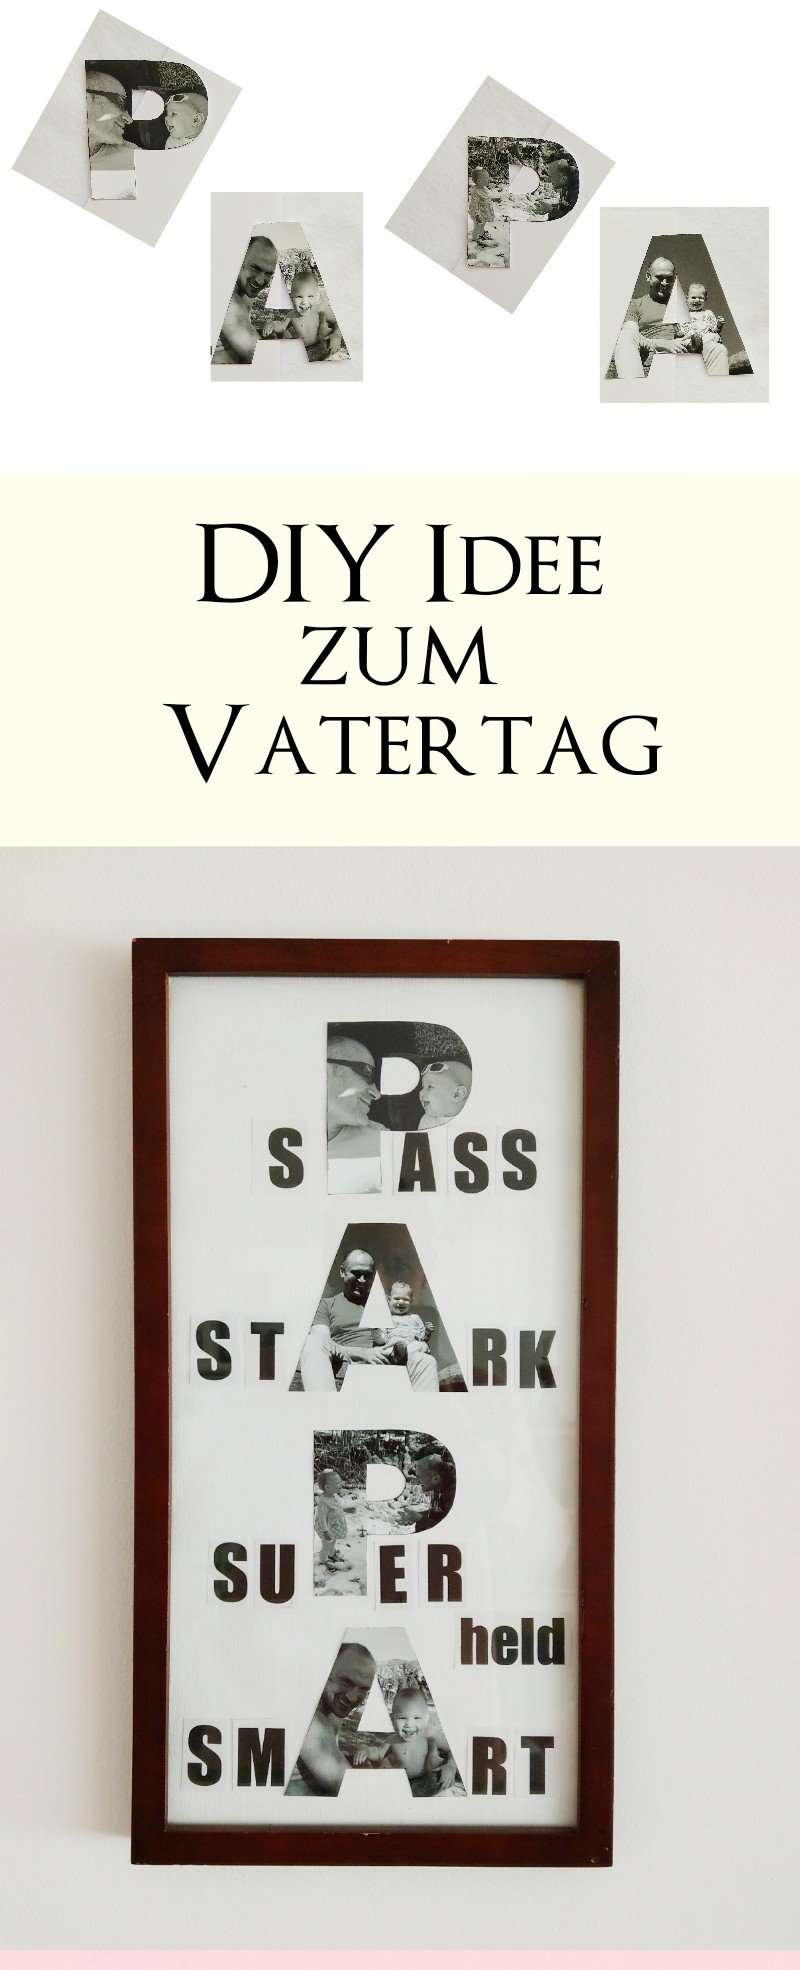 Bilder zum Muttertag und Vatertag basteln - 3 DIY-Ideen mit ...